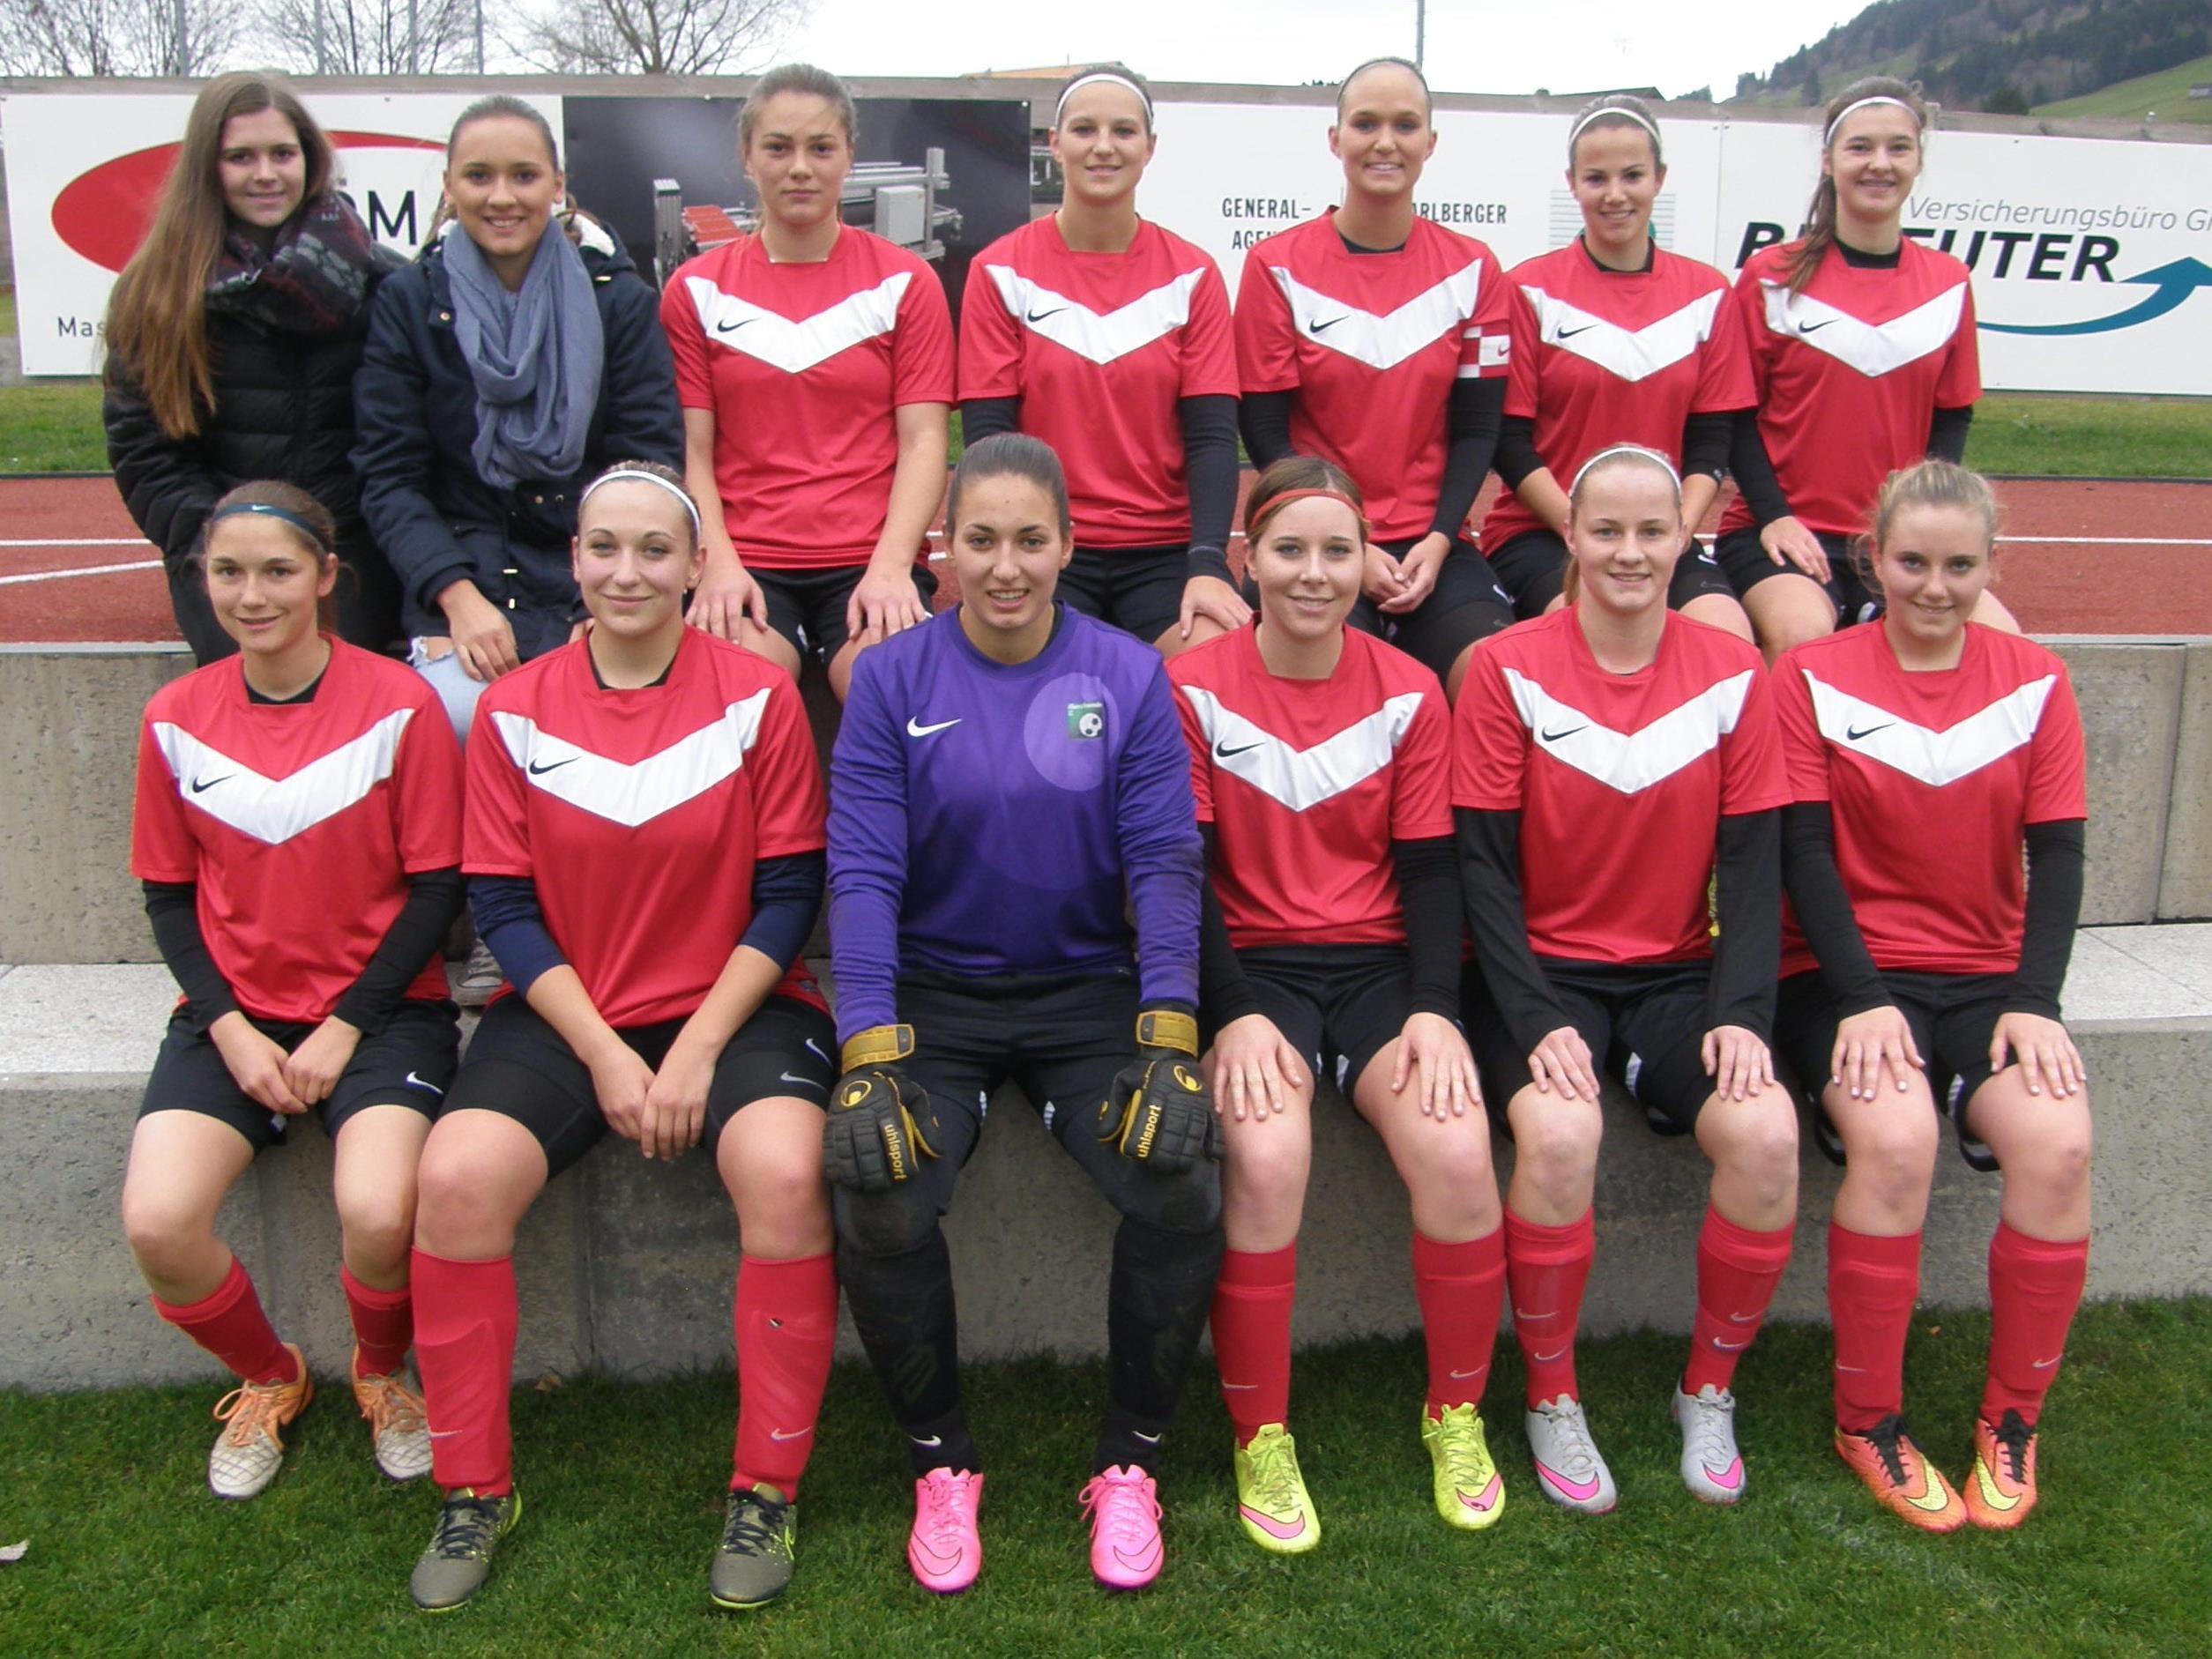 Das Damenteam vom FC Alberschwende ist erneut Meister in der Vorarlbergliga.